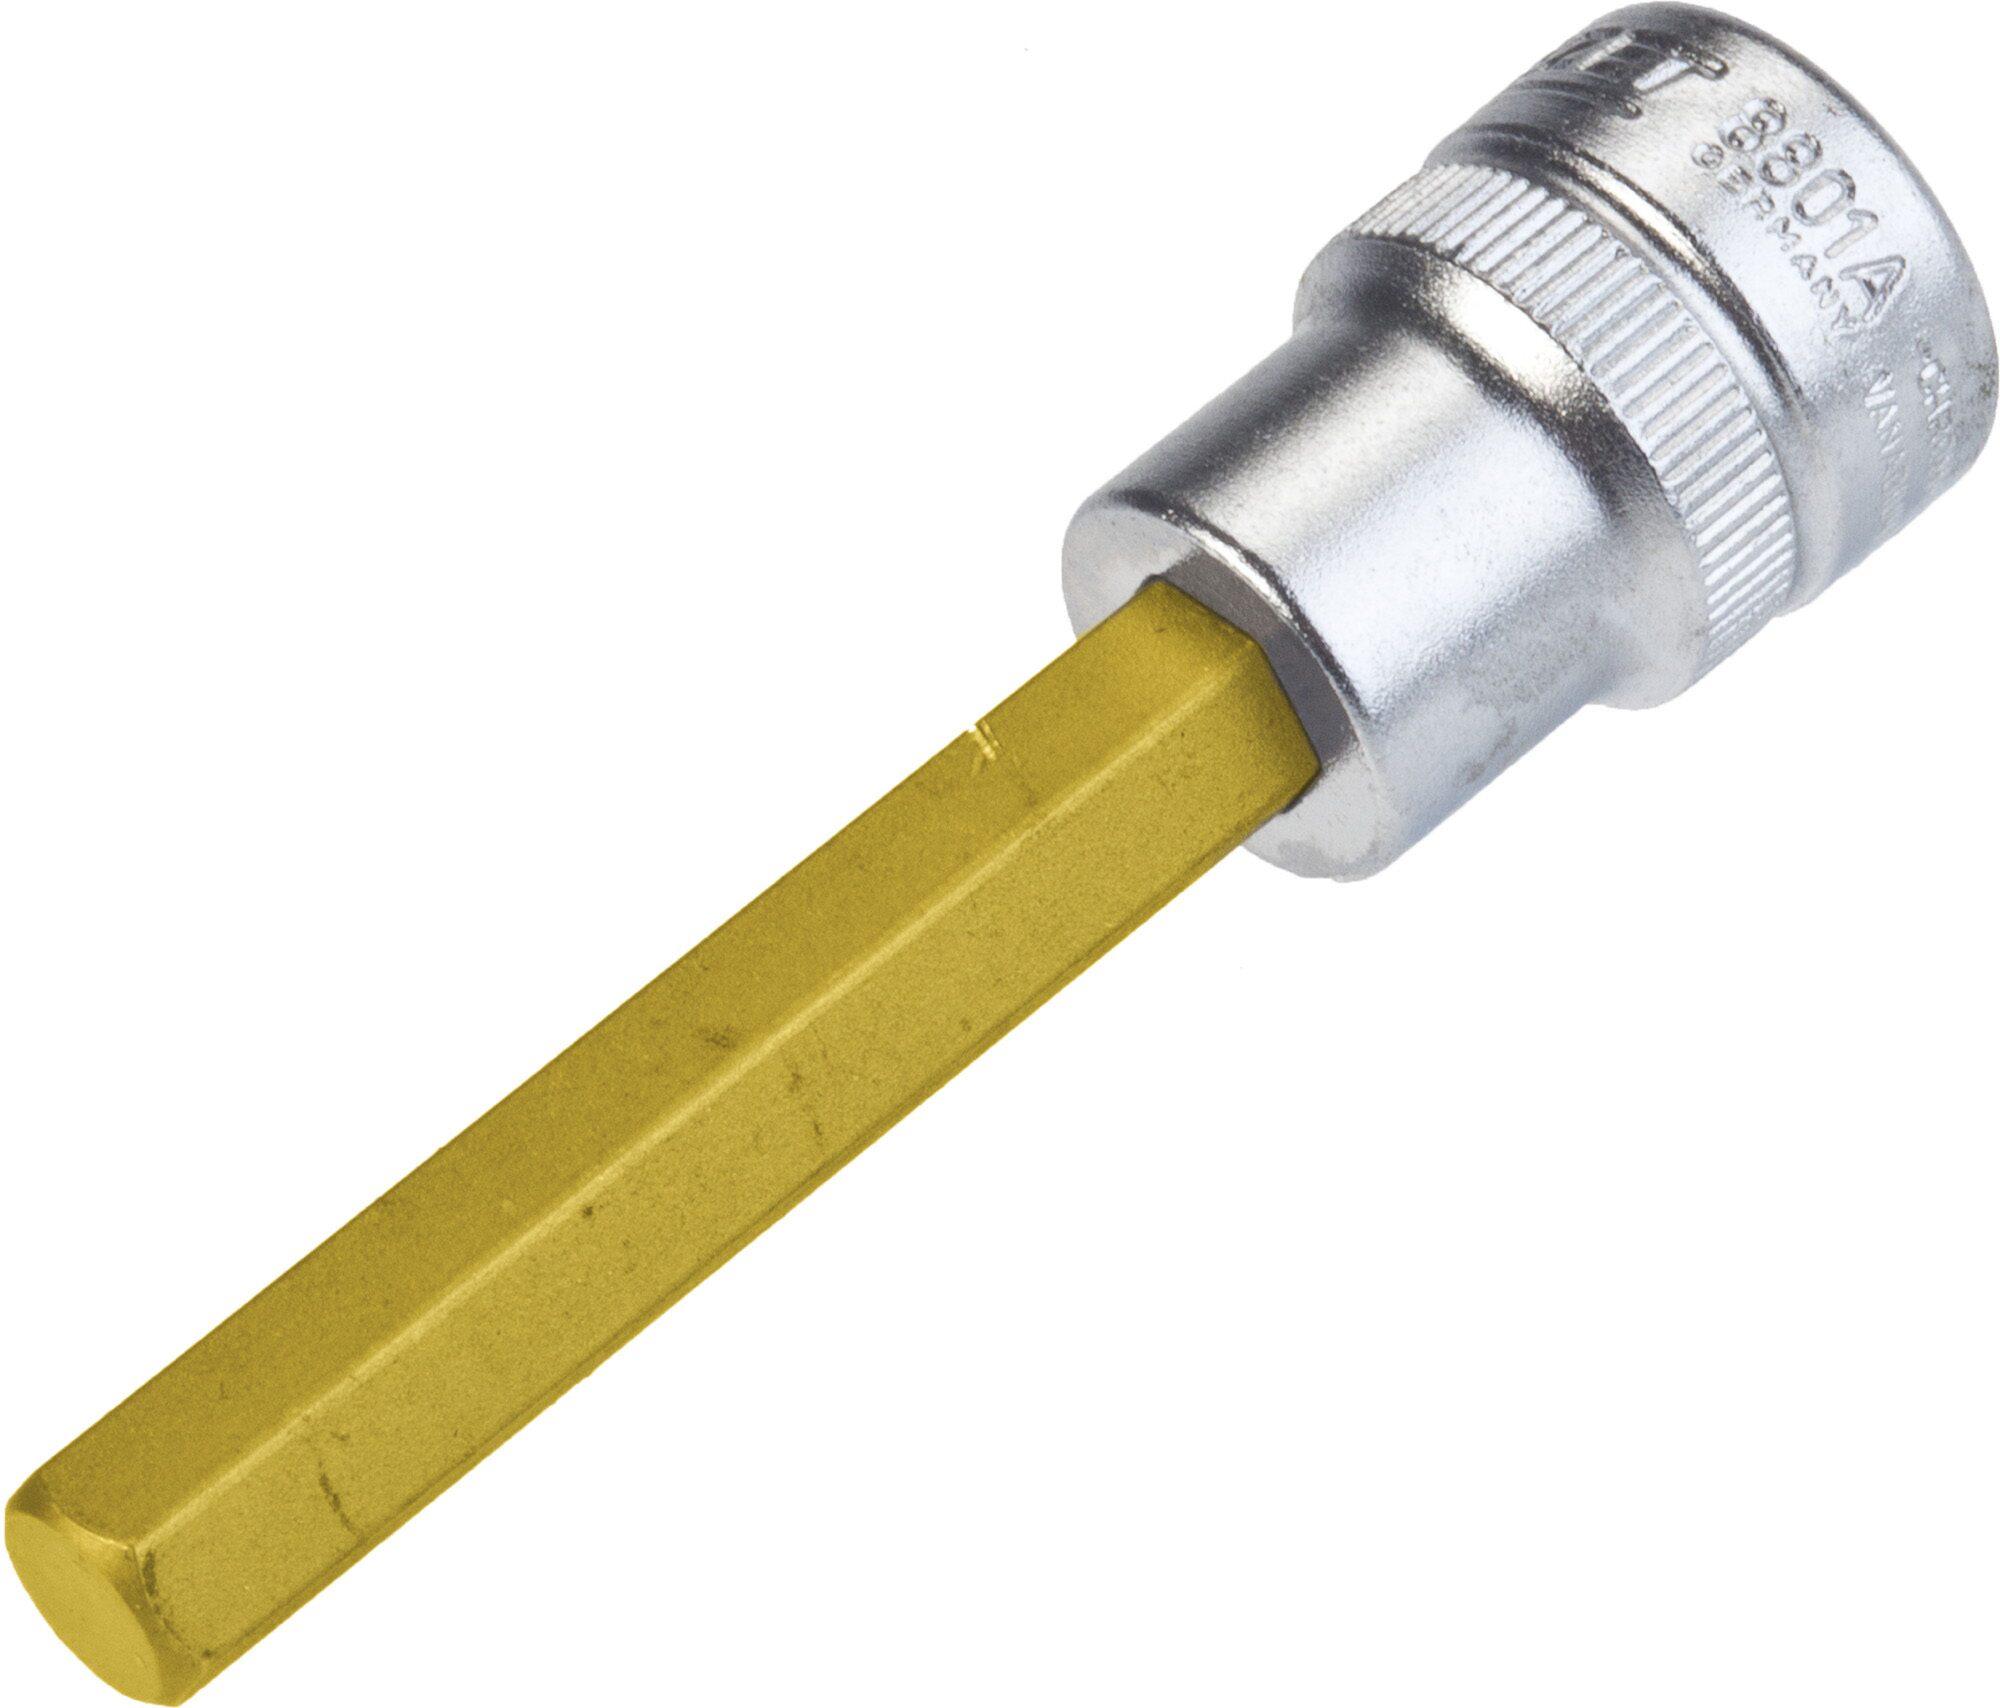 HAZET Schraubendreher-Steckschlüsseleinsatz 8801A-5/16 ∙ Vierkant hohl 10 mm (3/8 Zoll) ∙ Innen-Sechskant Profil